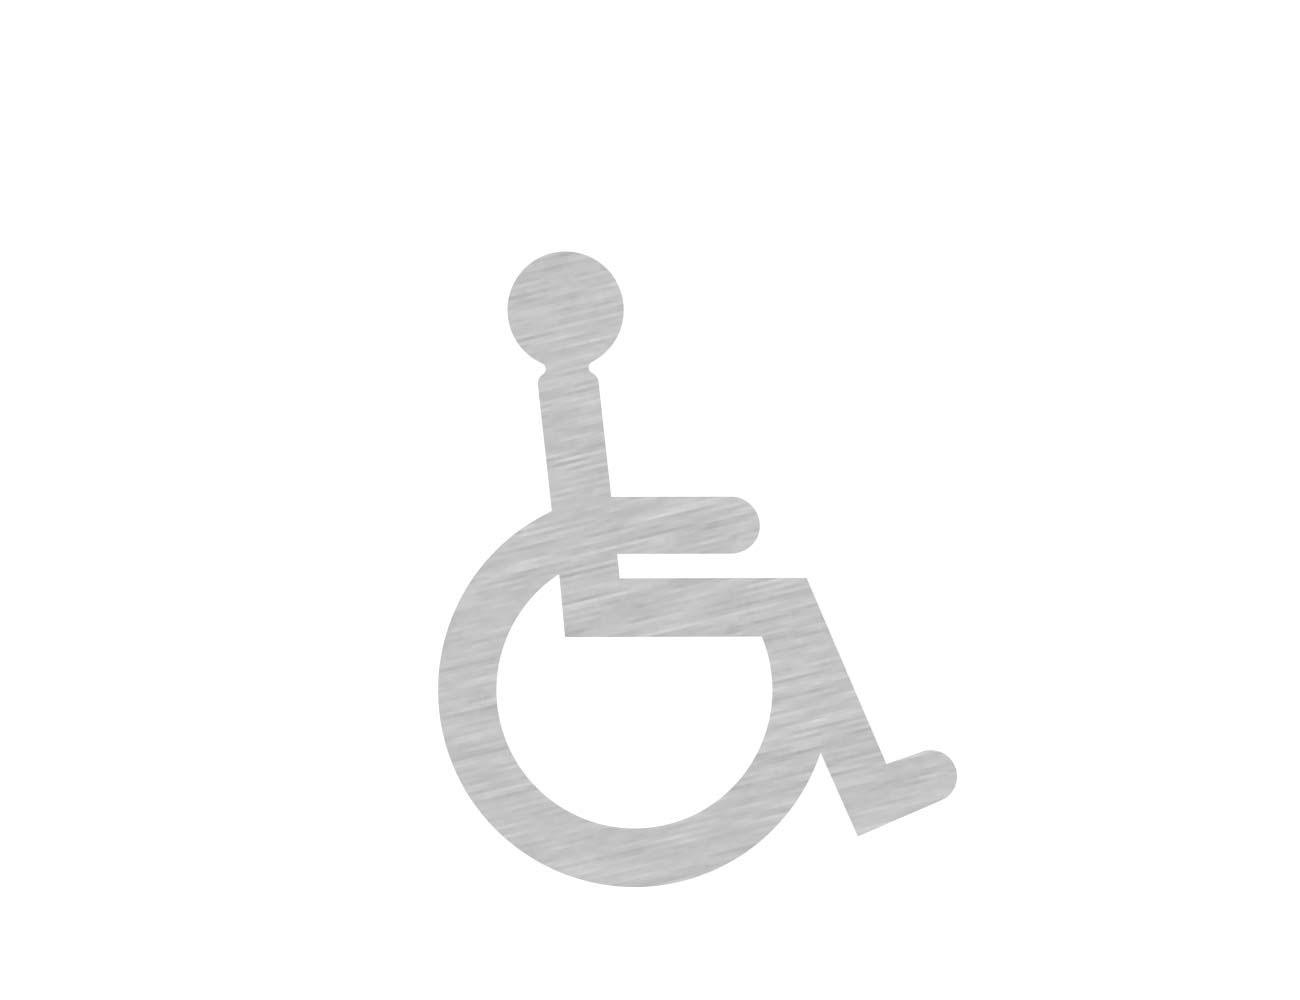 WC Piktogramme - Variante 2 - Rollstuhl